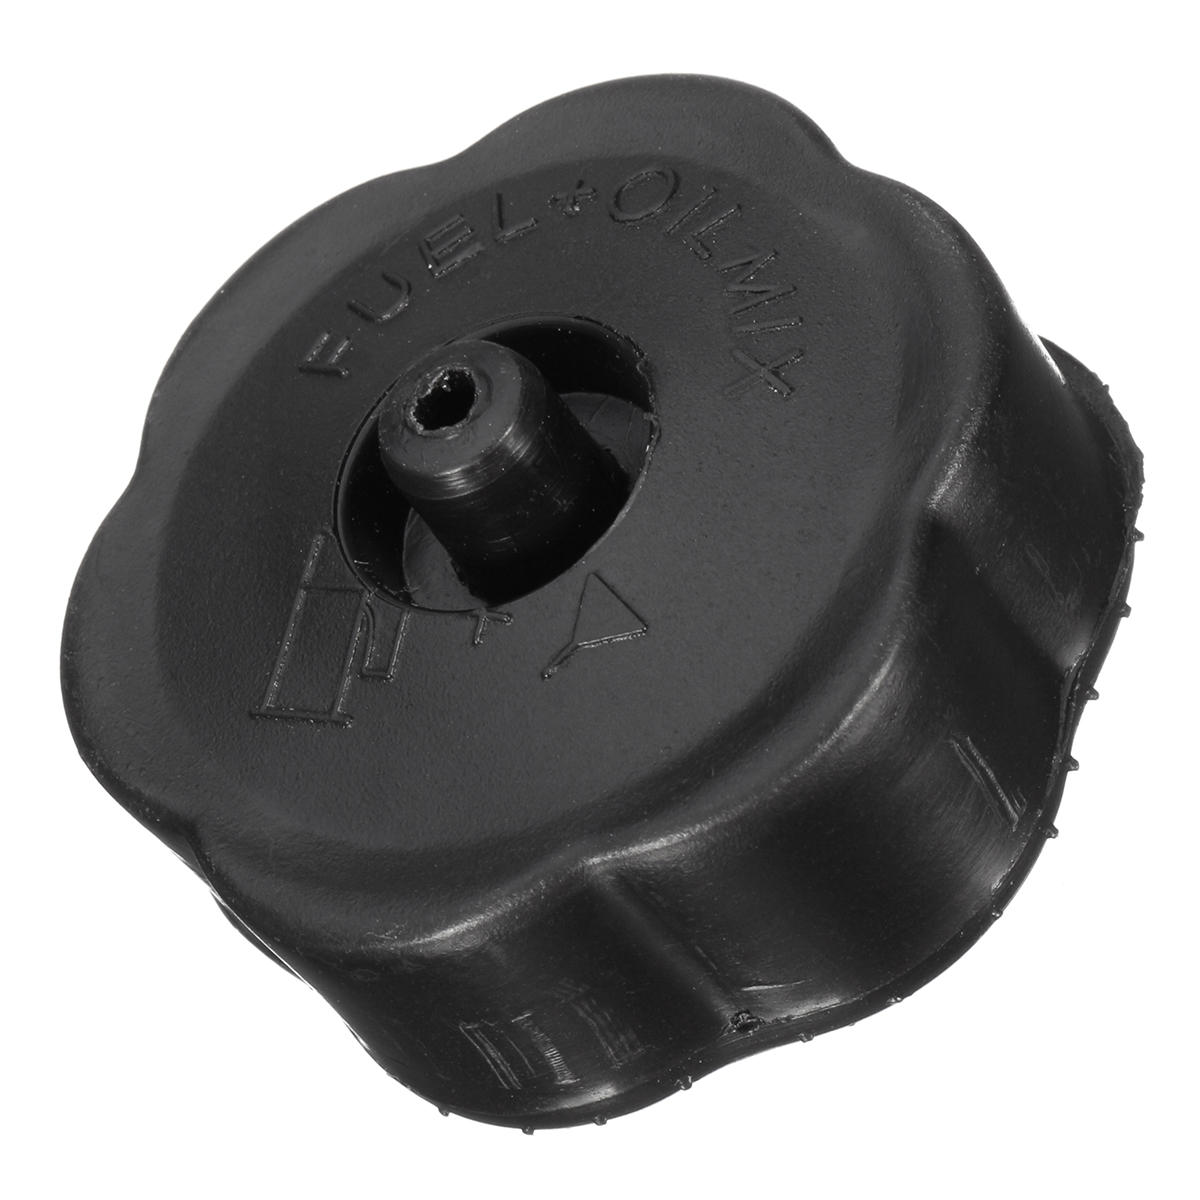 hight resolution of fuel gas tank cap for 50cc 70cc 90cc 110cc 125cc atv quad 4 wheeler taotao cod